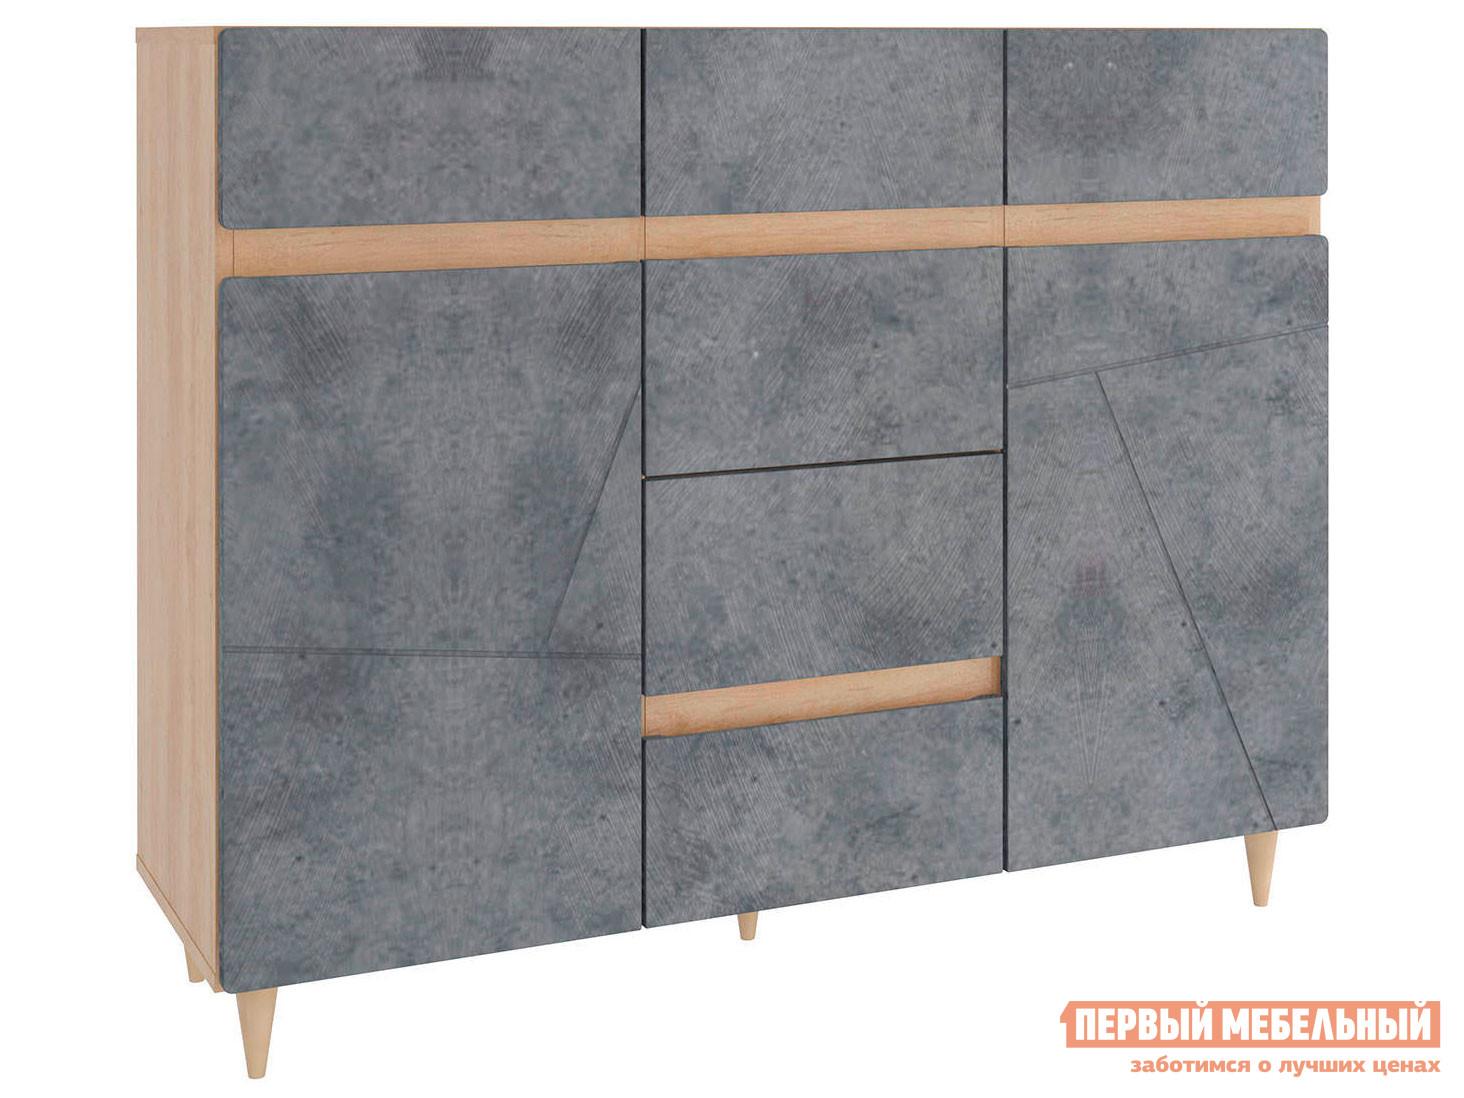 Комод Первый Мебельный Комод Самурай цены онлайн